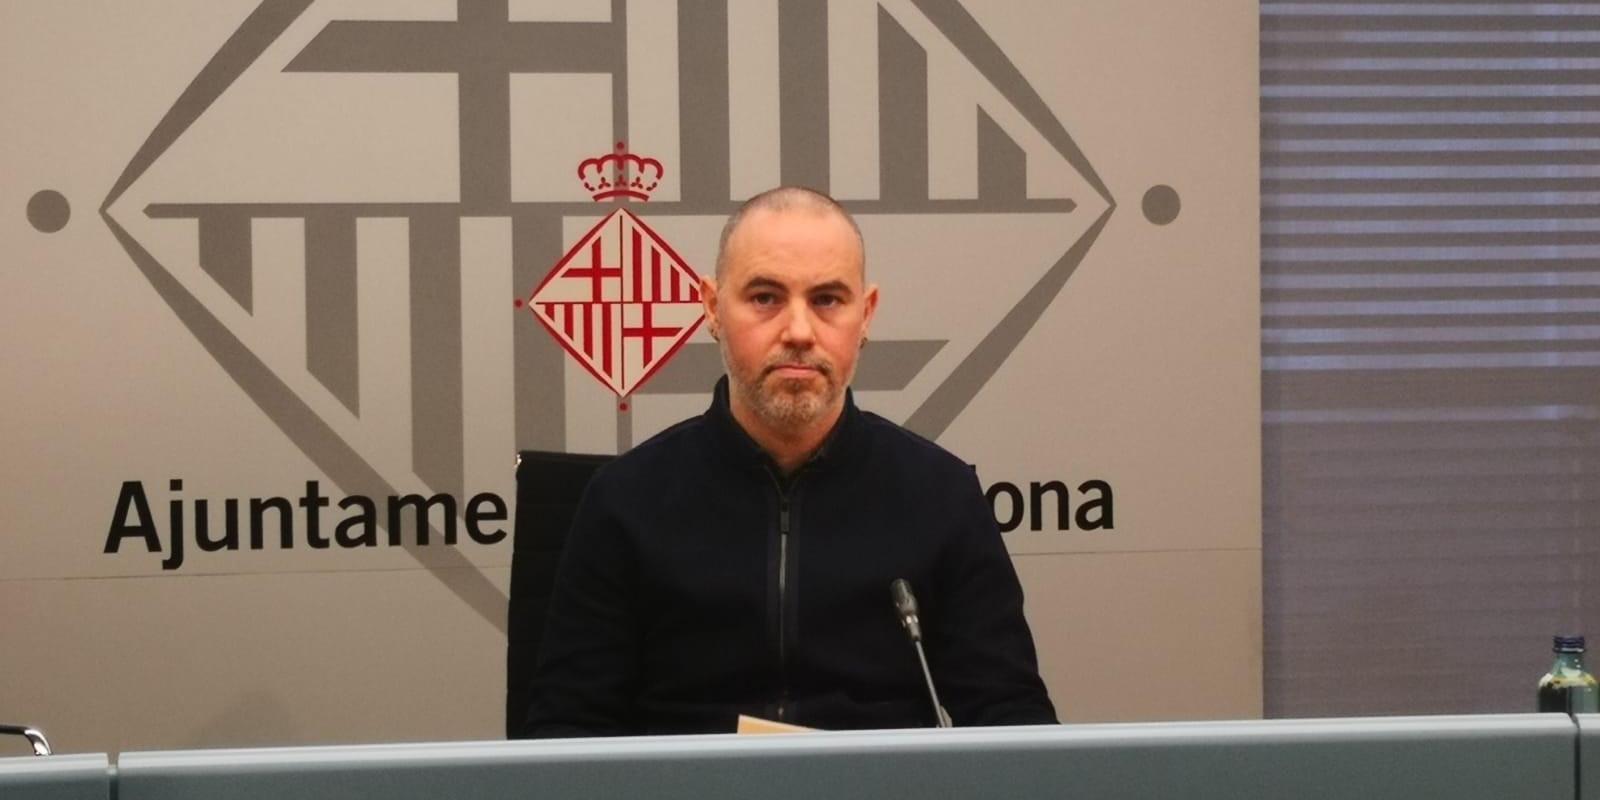 El regidor de Gràcia, Eloi badia, en una imatge d'arxiu